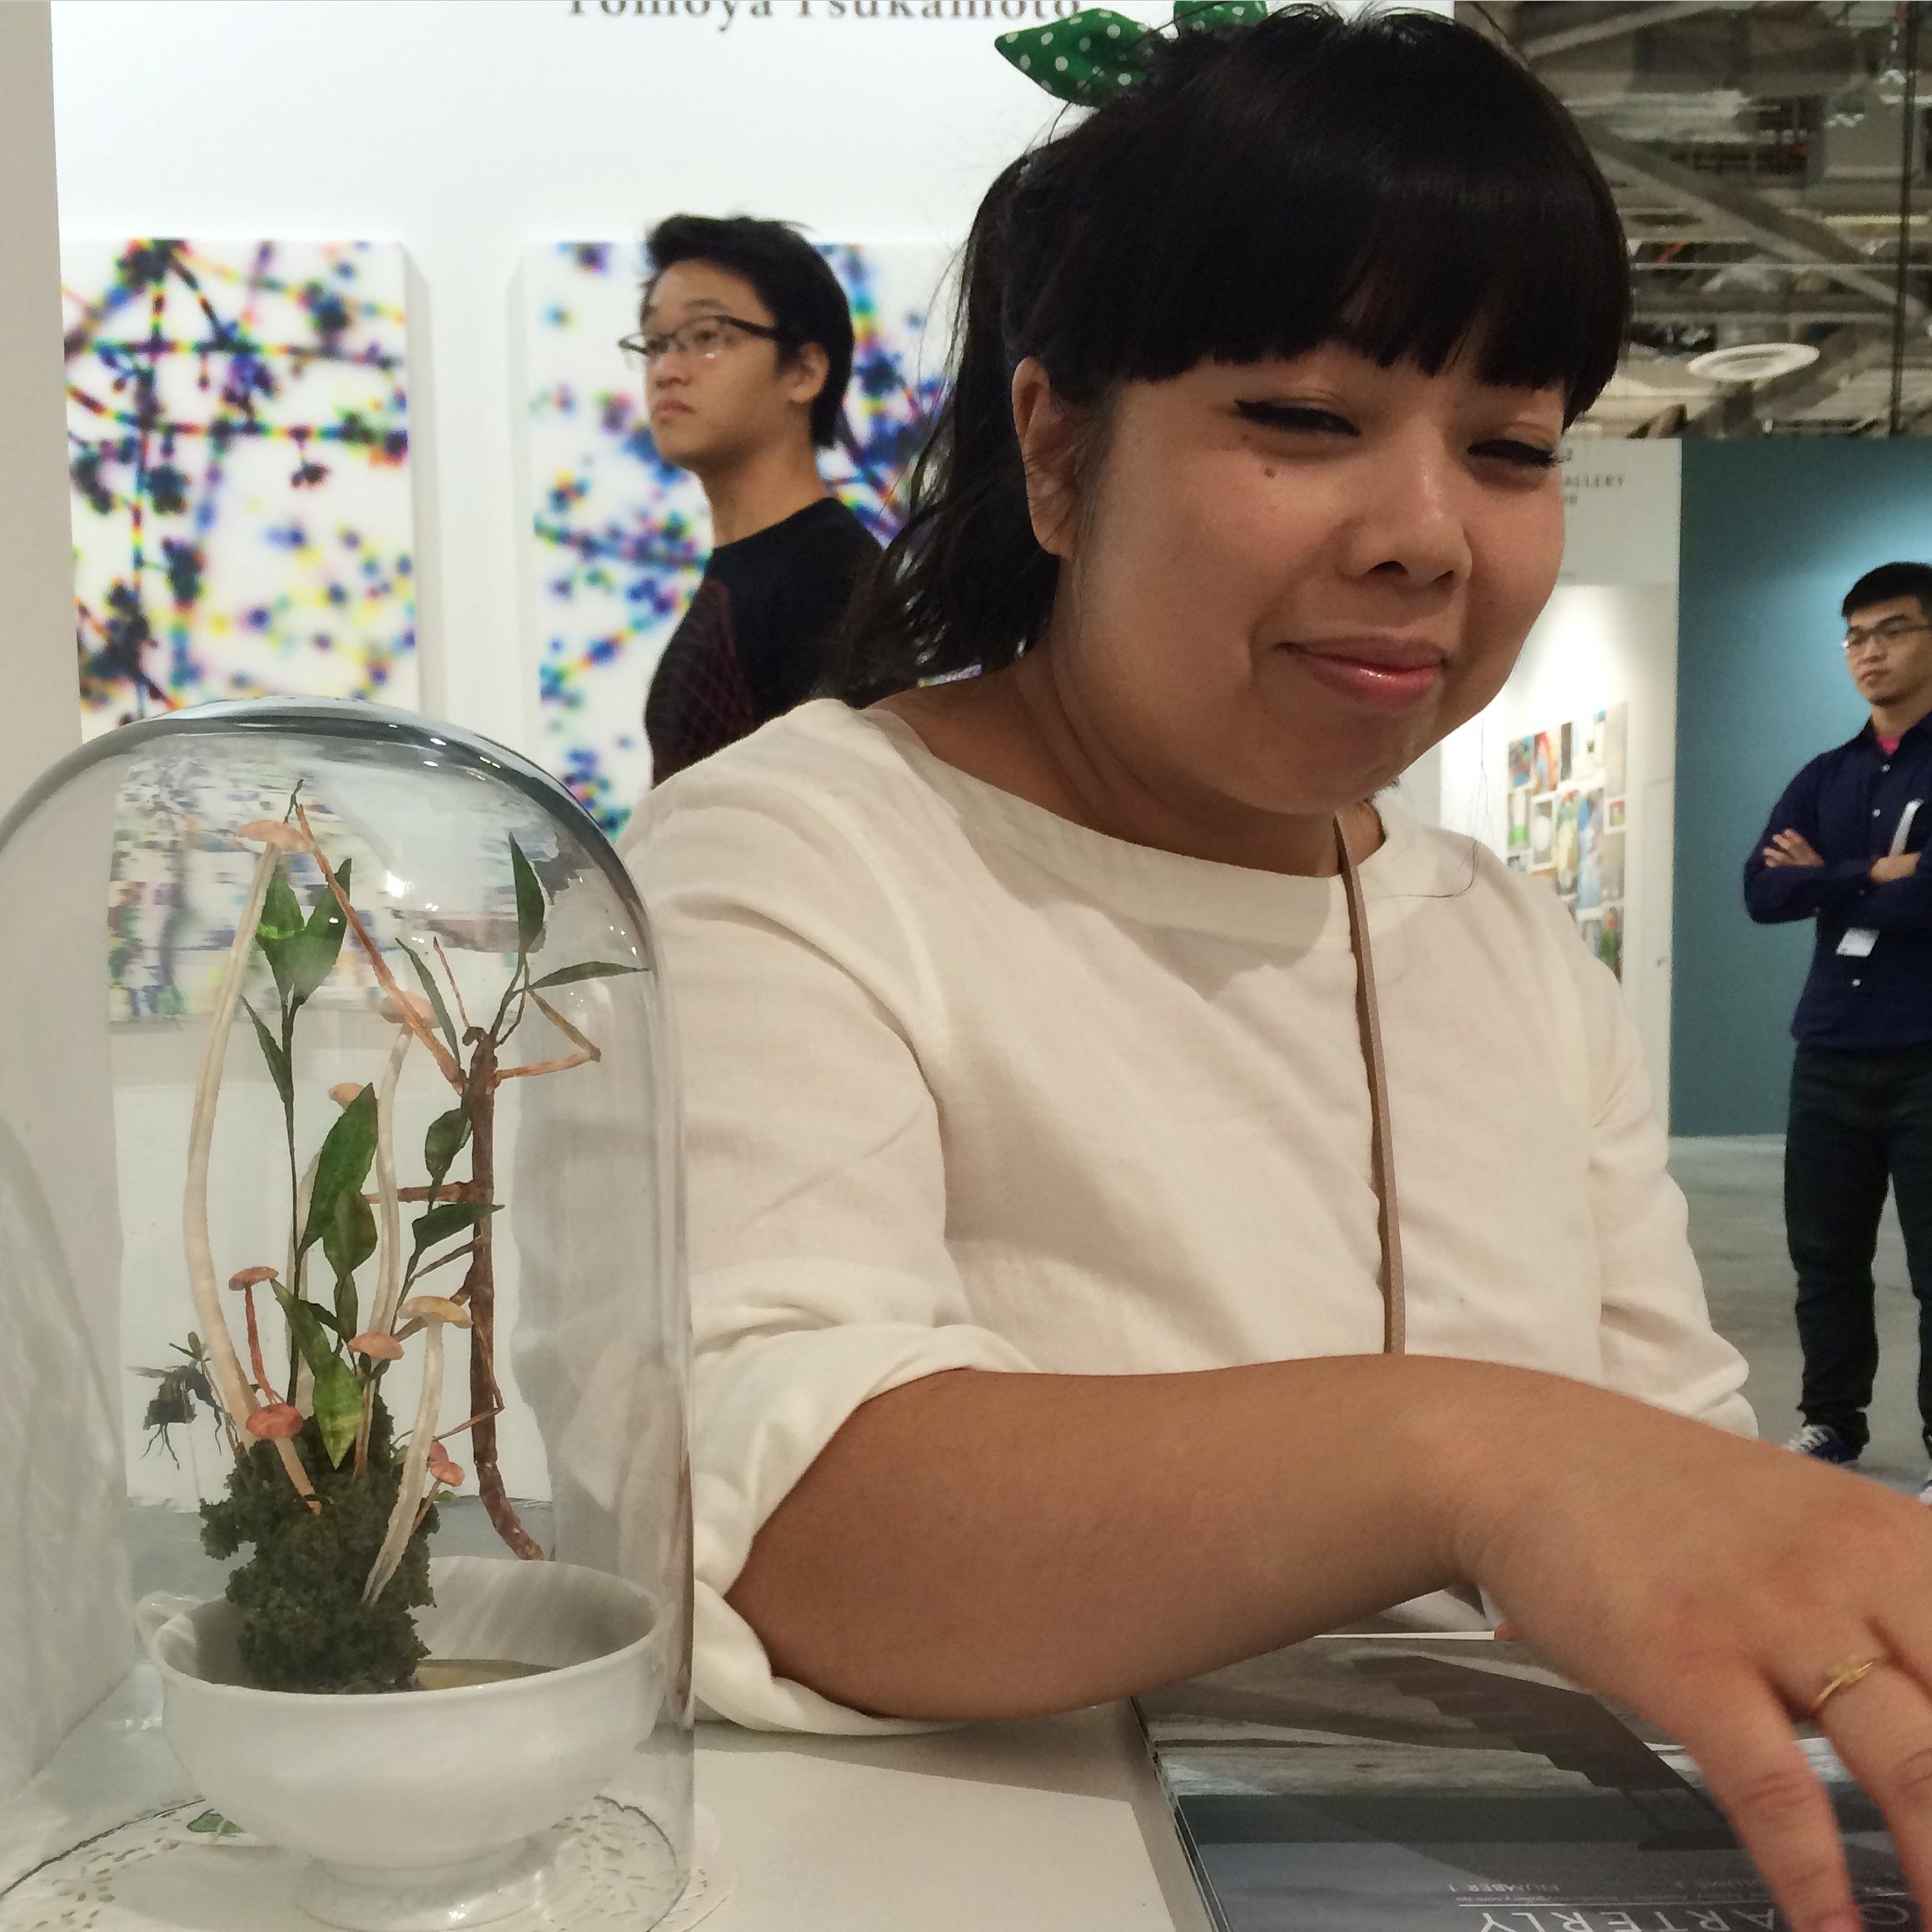 Mylyn Nguyen with her work